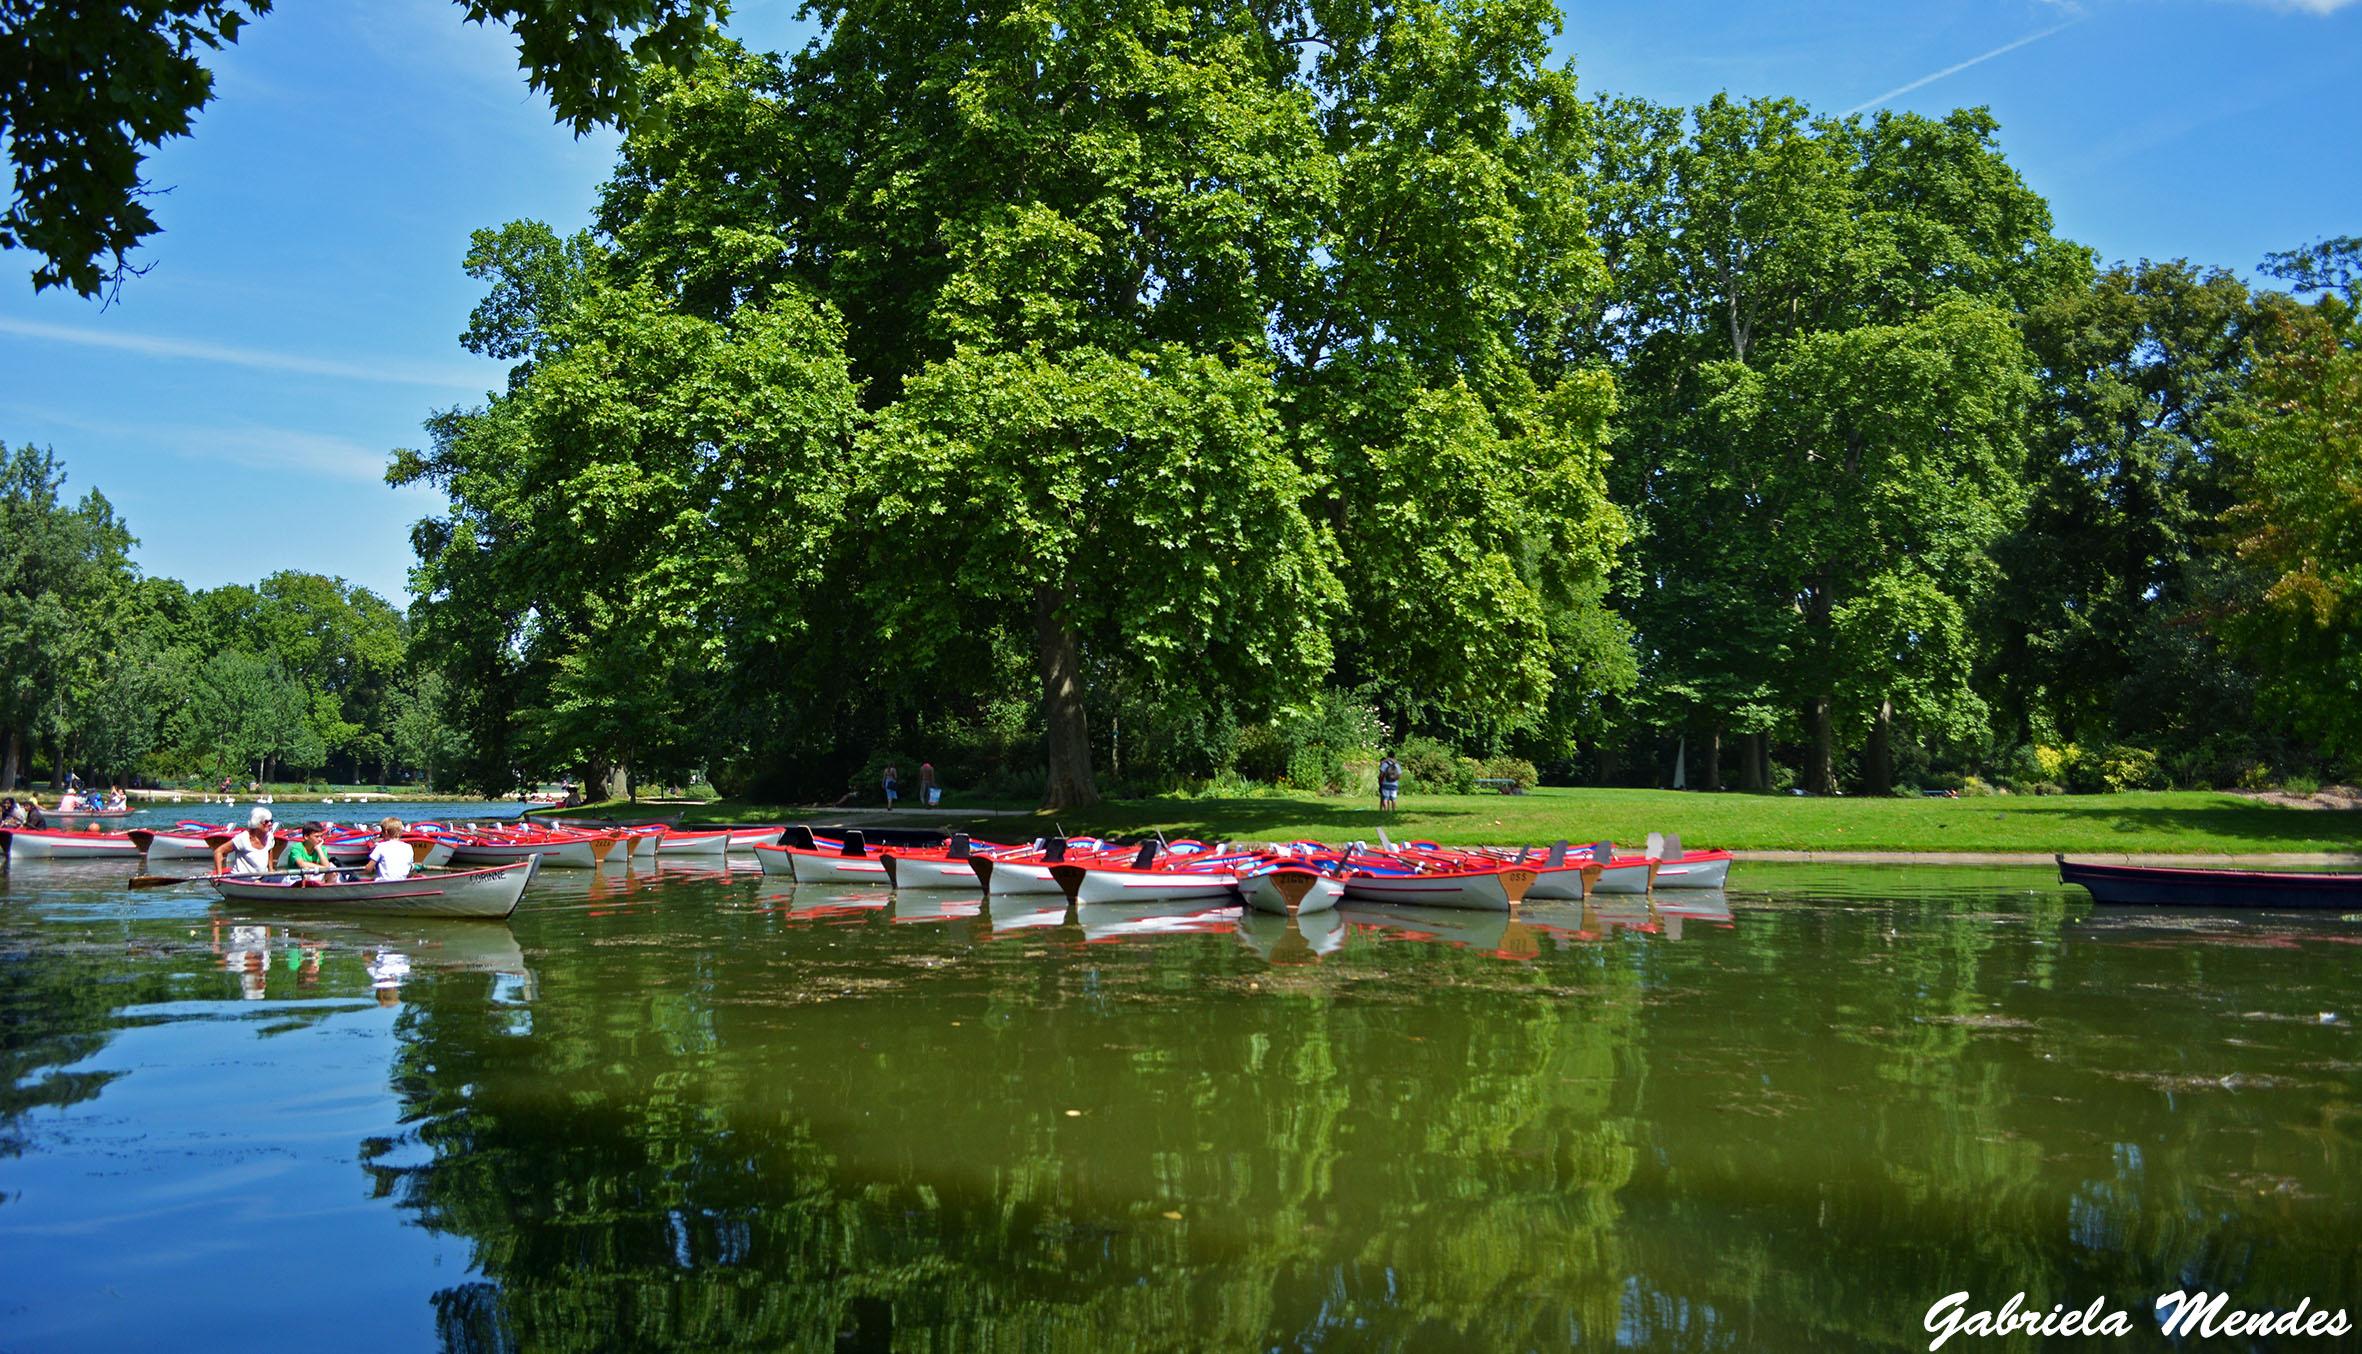 Para se refrescar nos dias quentes de verão os parisienses ficam andando de barquinho no lago.